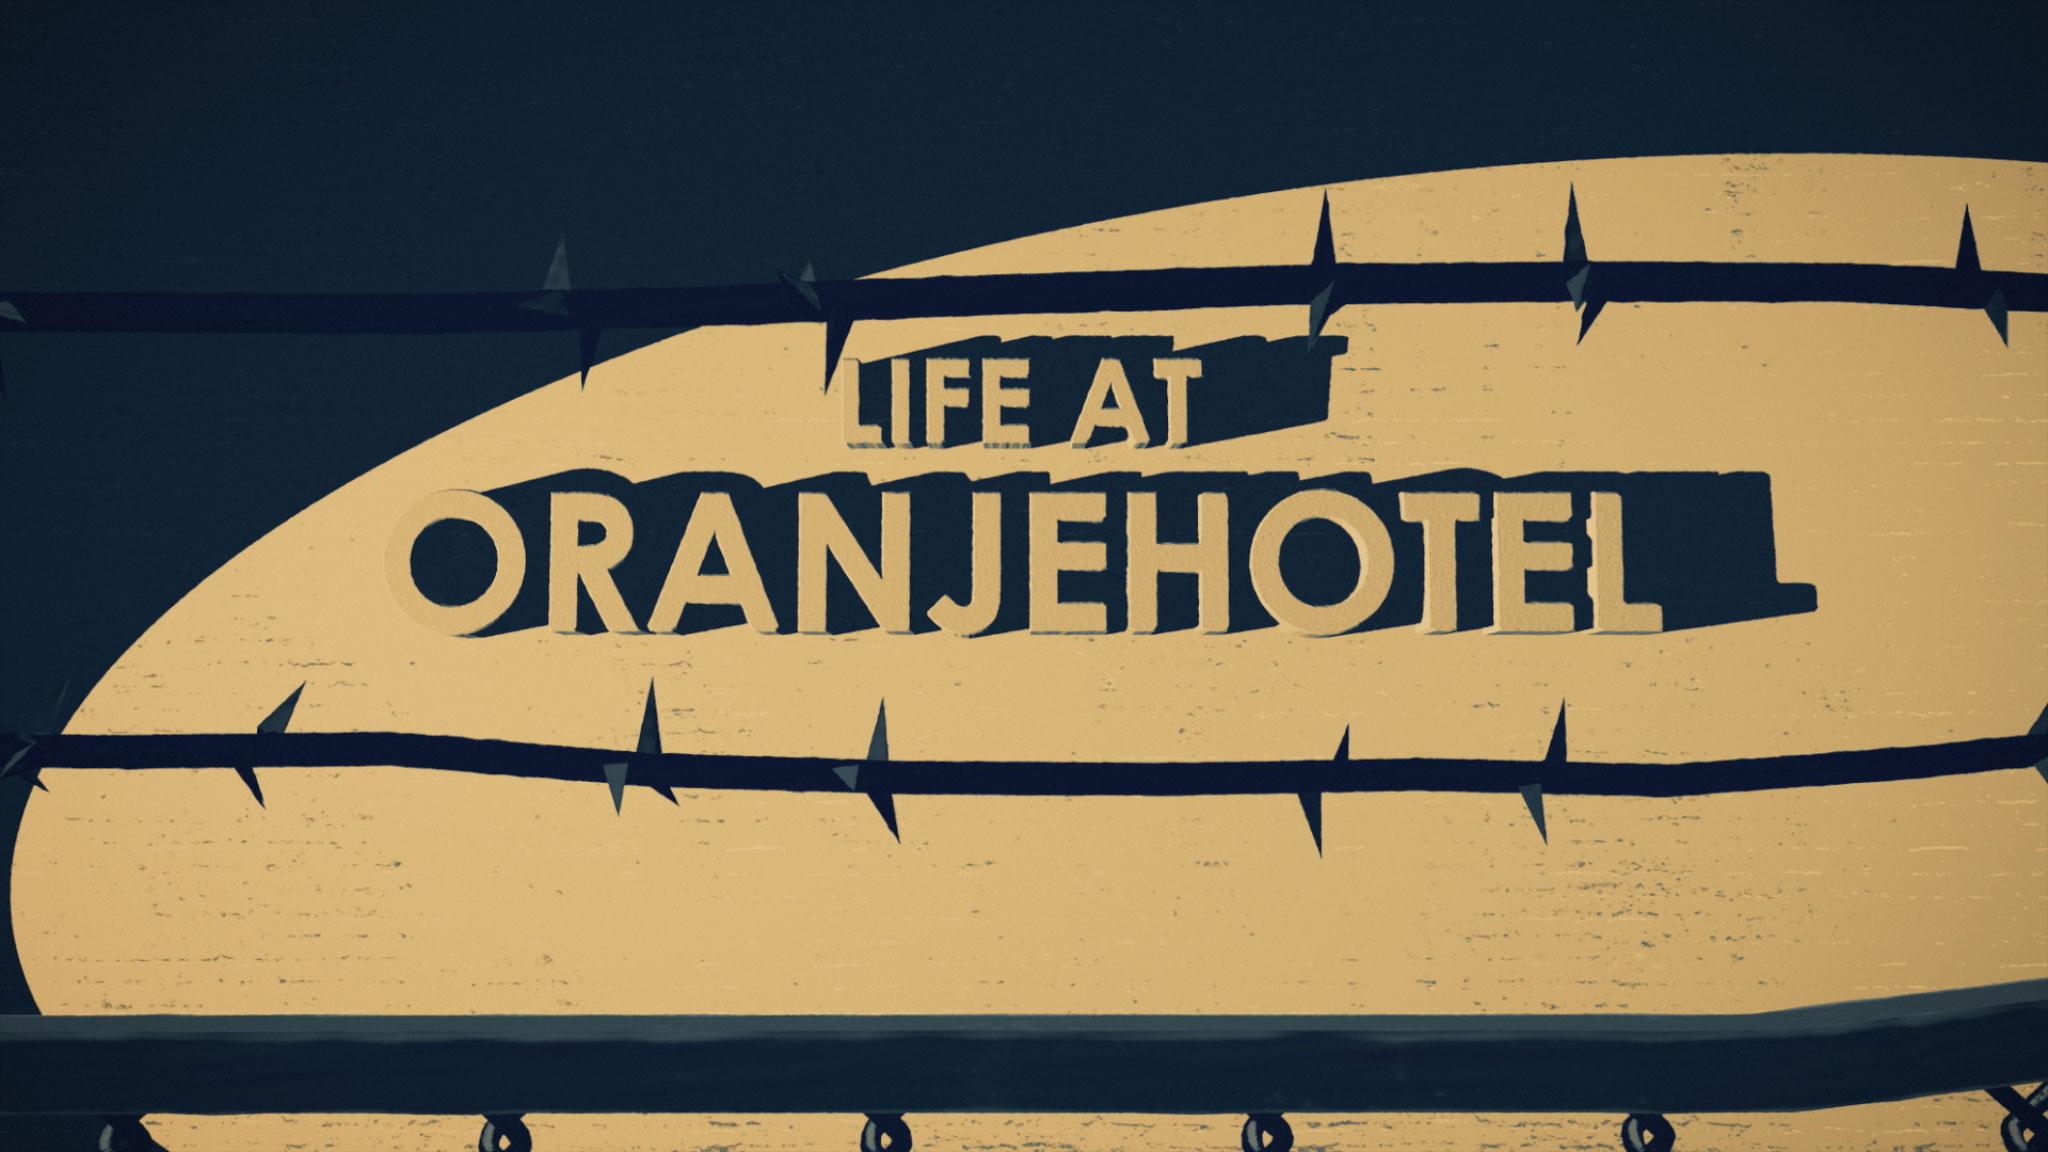 Life at Oranjehotel